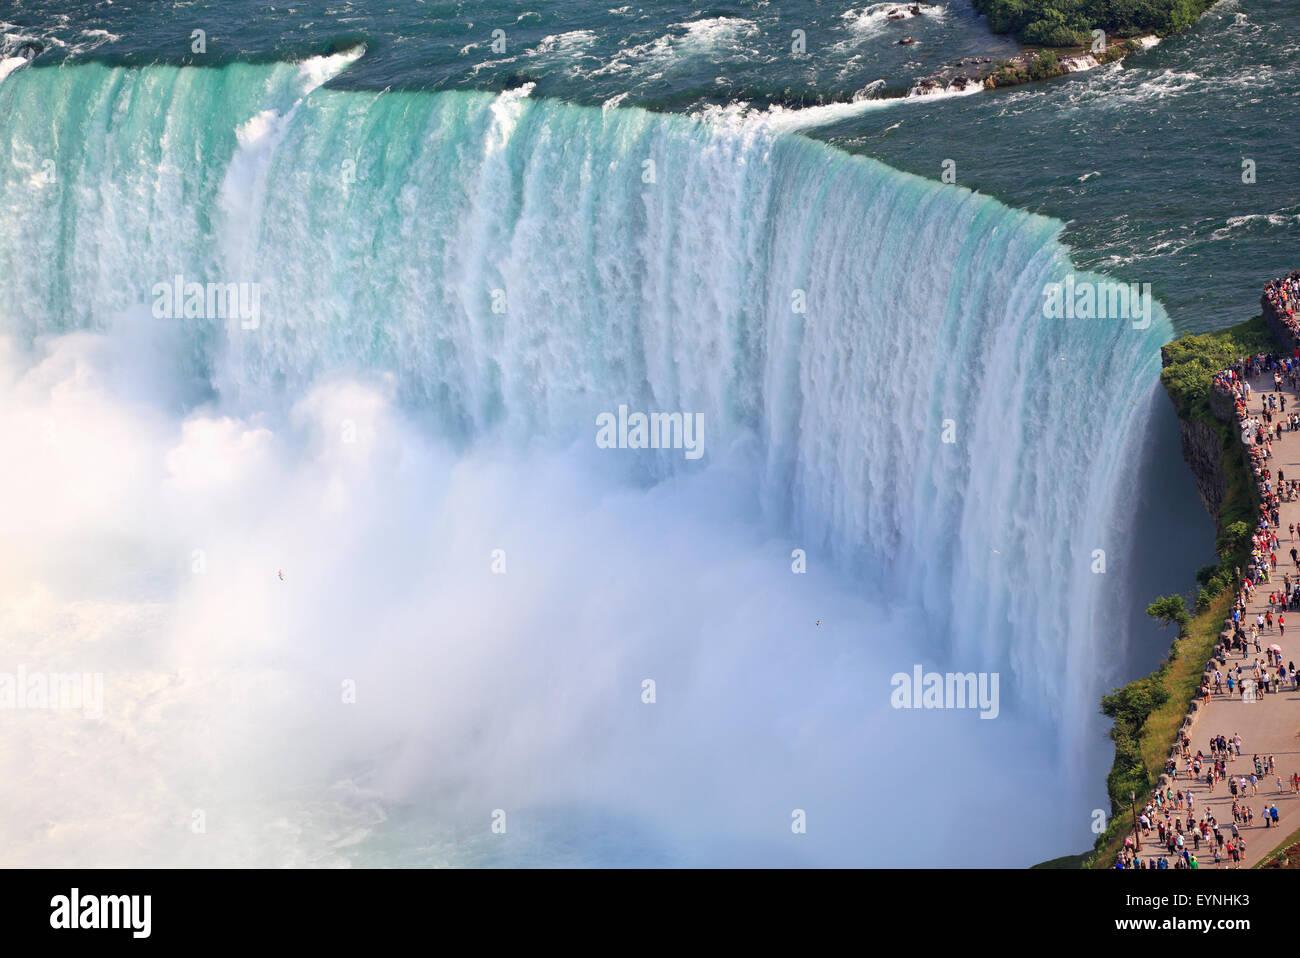 Vista aérea de las cataratas del Niágara, Canadá Imagen De Stock